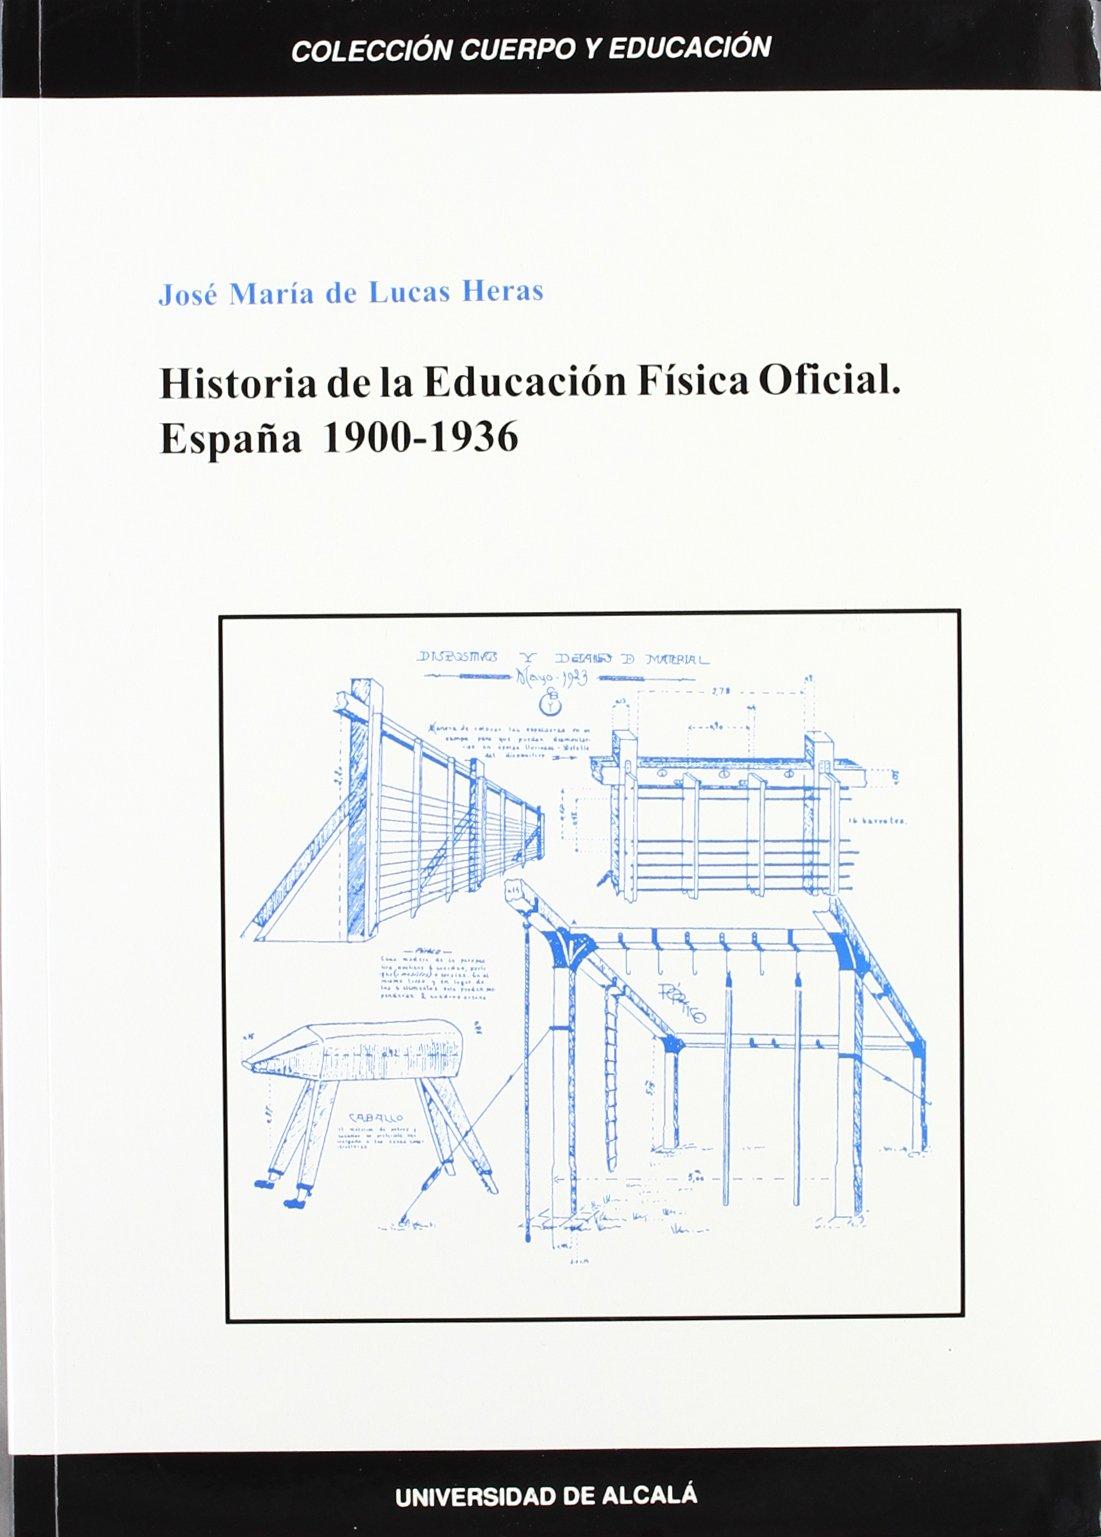 Historia de la educacion fisica oficial. España 1900-1936: Amazon.es: Lucas Heras, J.M.: Libros